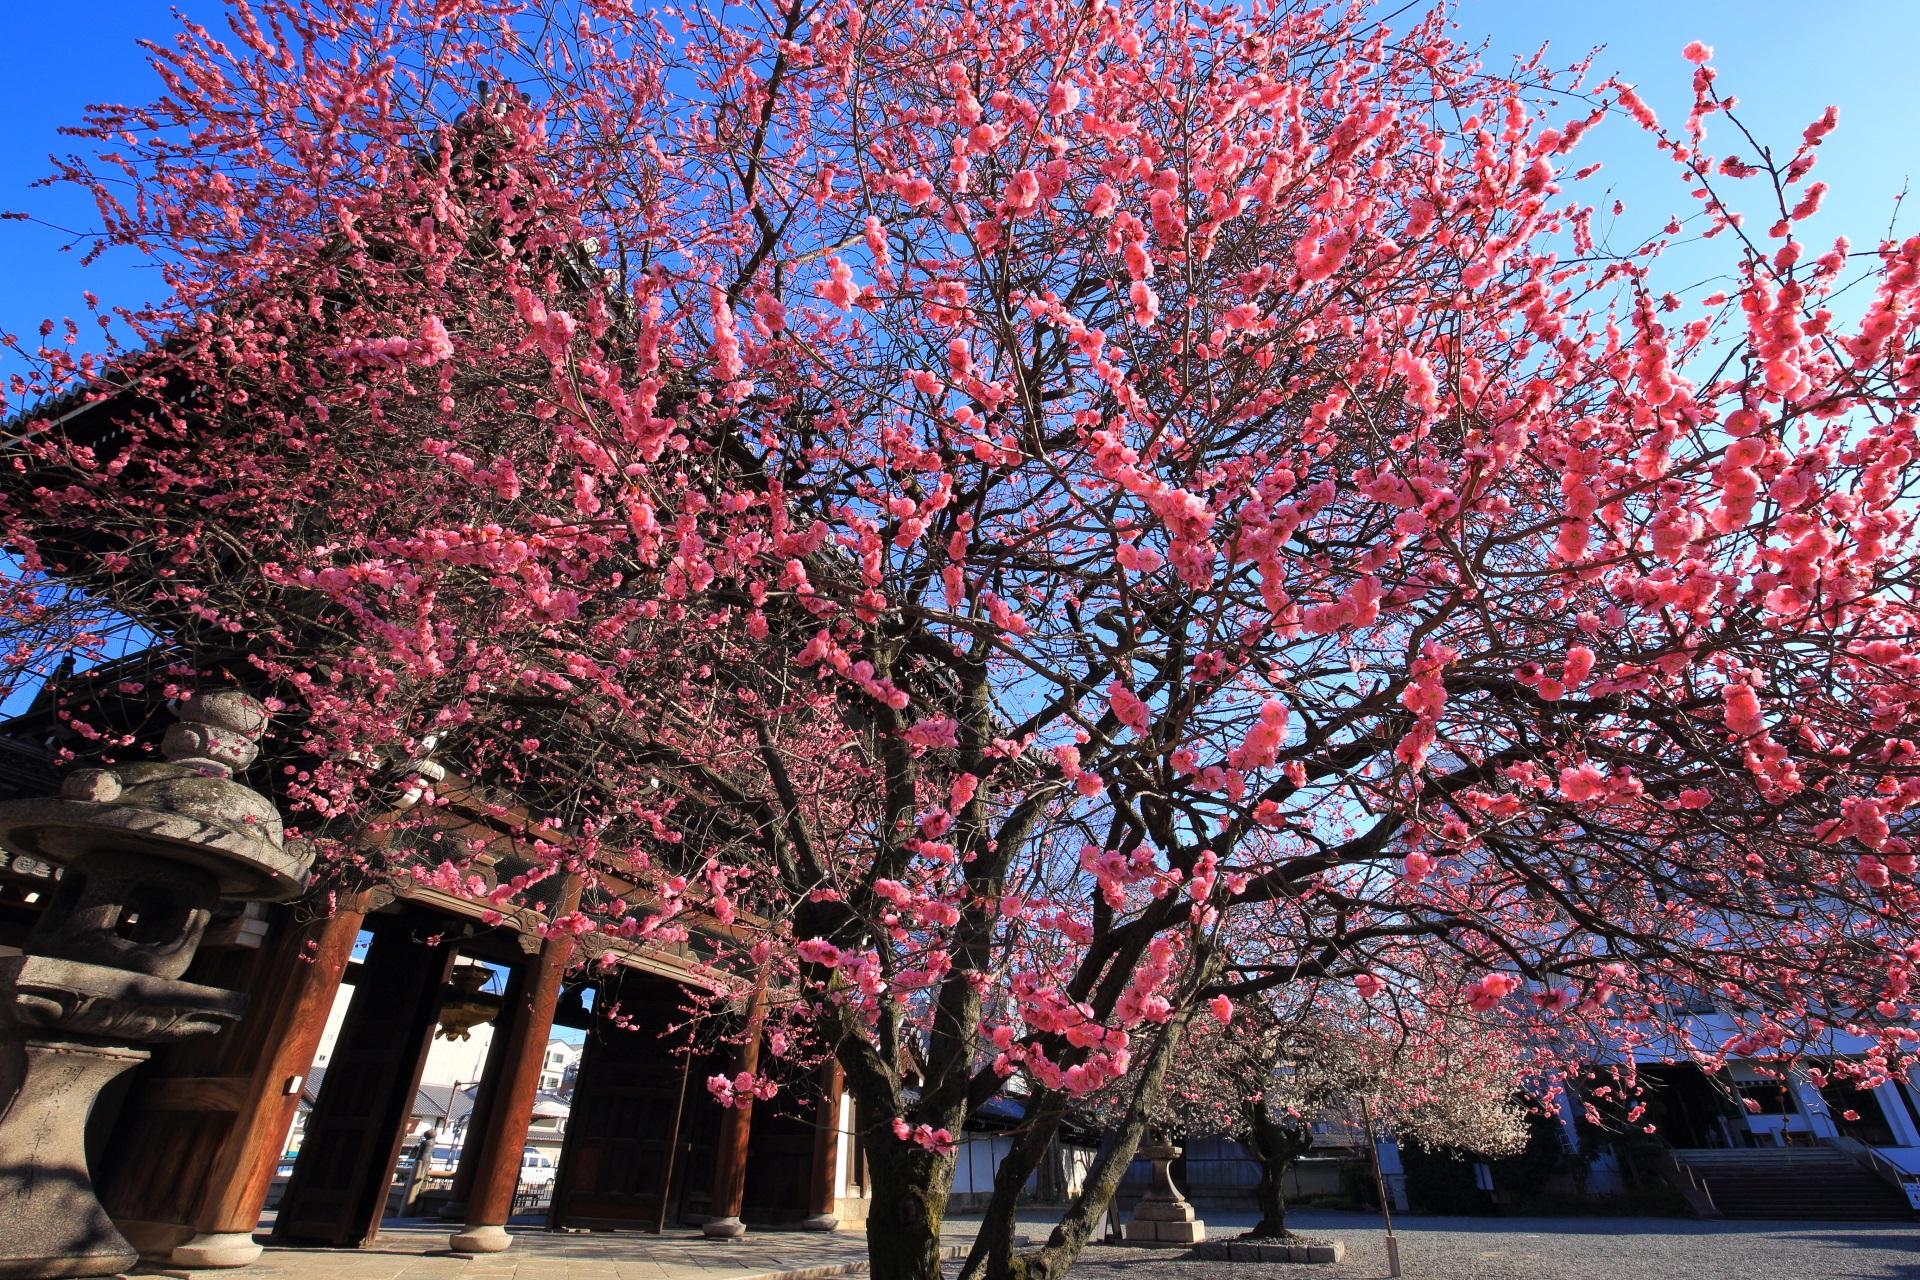 興正寺 梅 京都の春を告げる紅白の梅